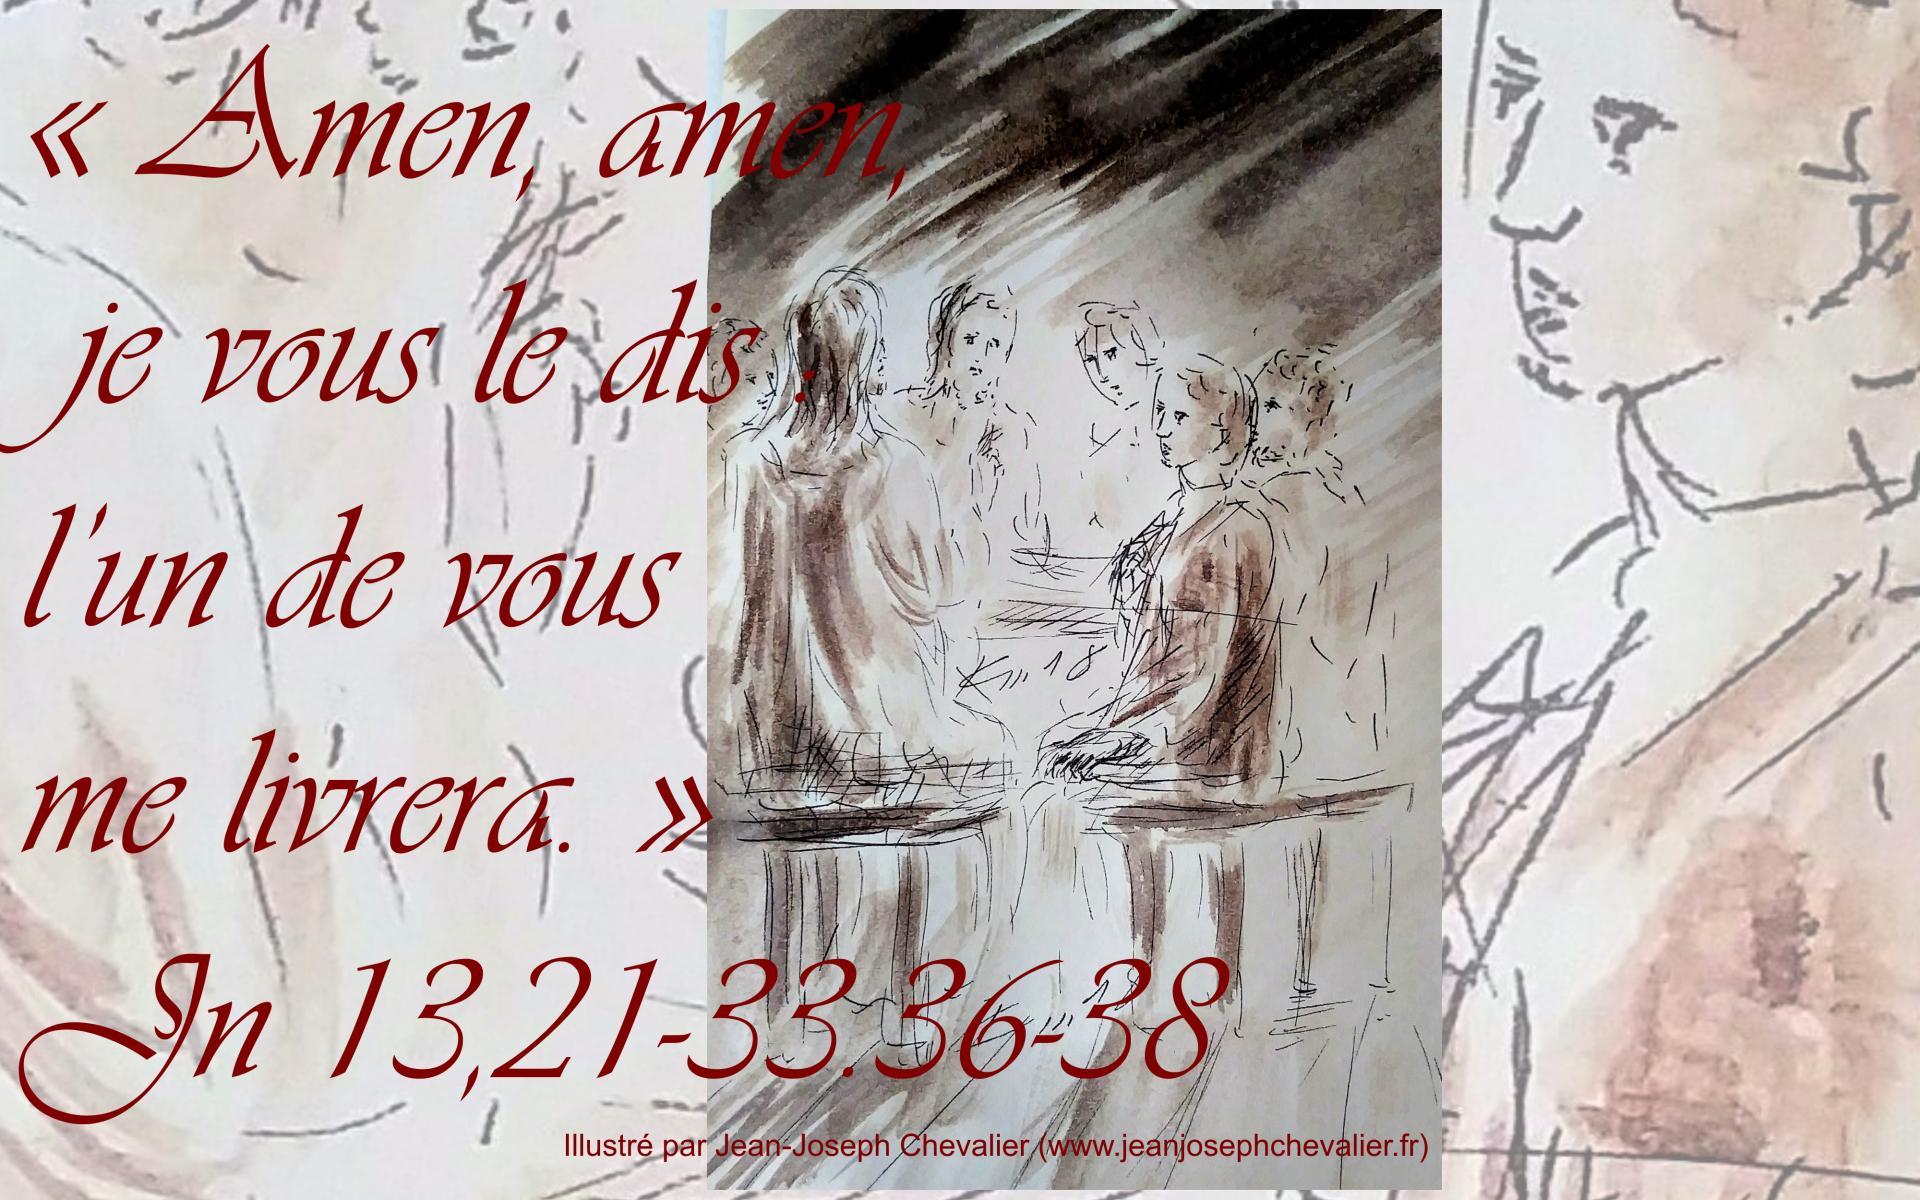 27 mars 2018 evangile du jour illustre par un dessin au lavis de jean joseph chevalier image